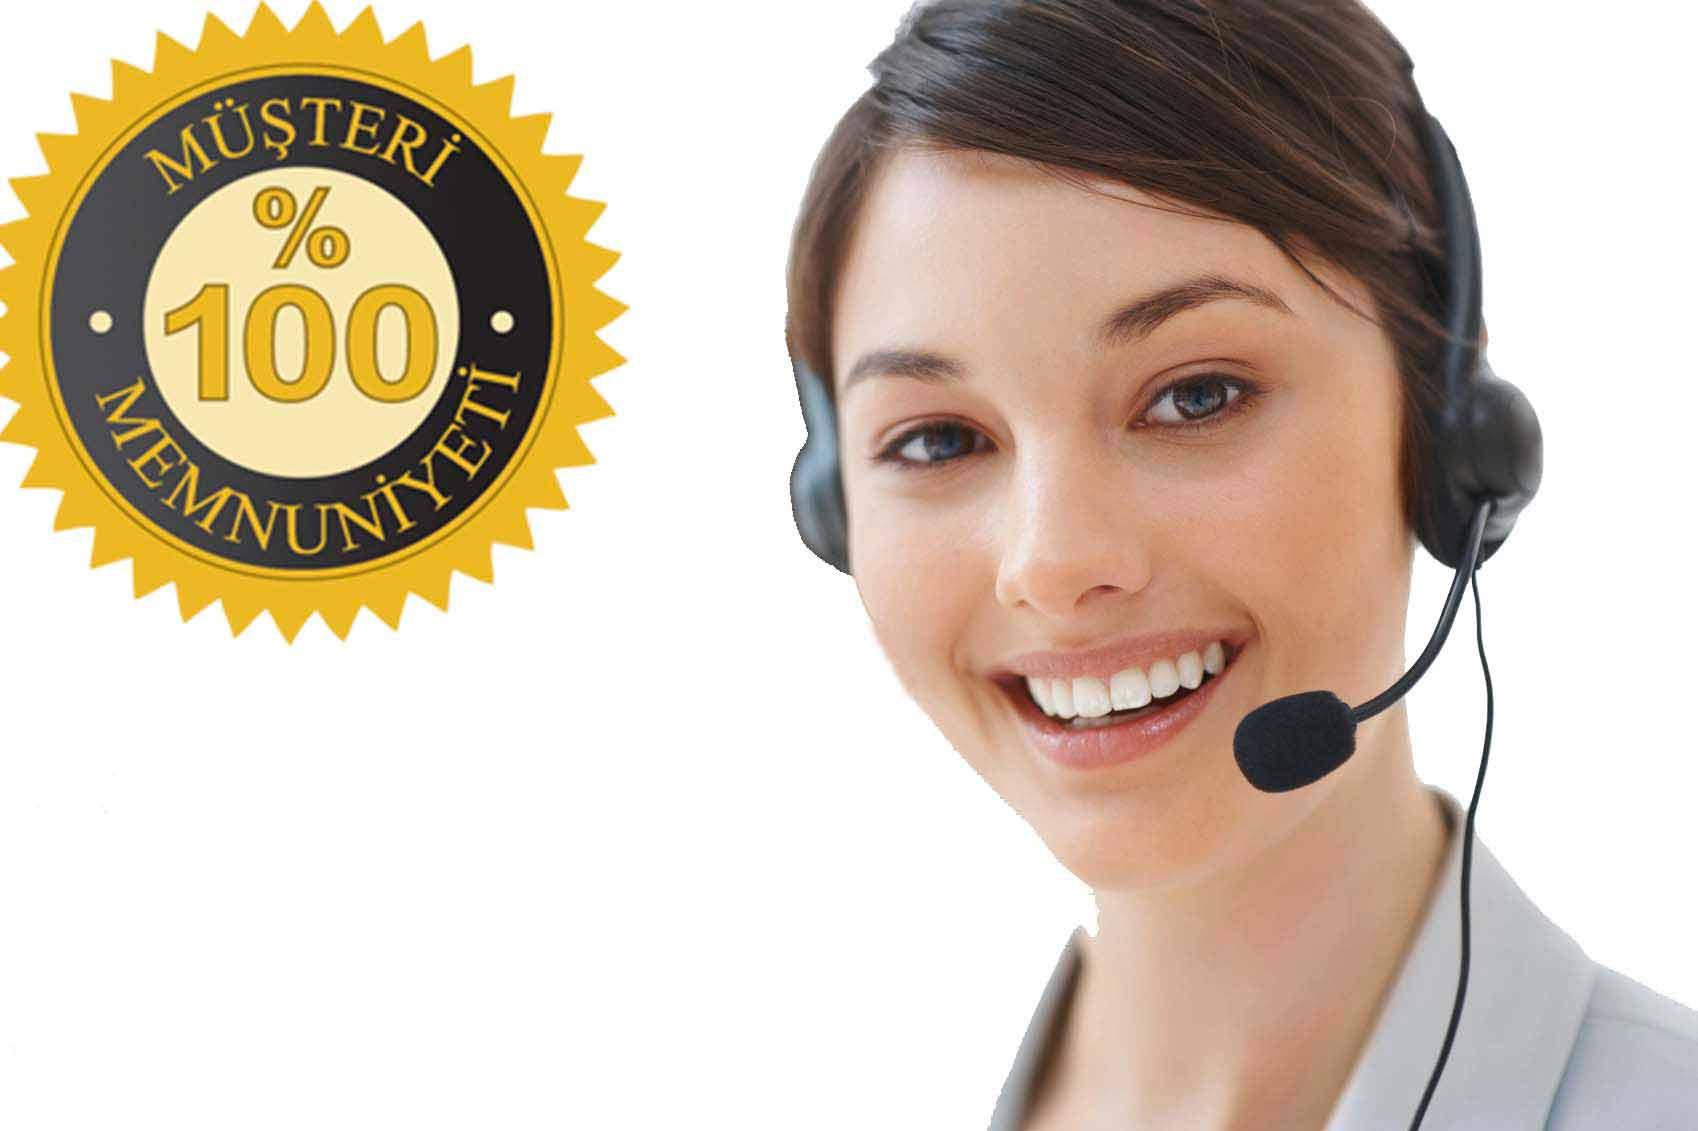 müşteri hizmetleri kadın resmi